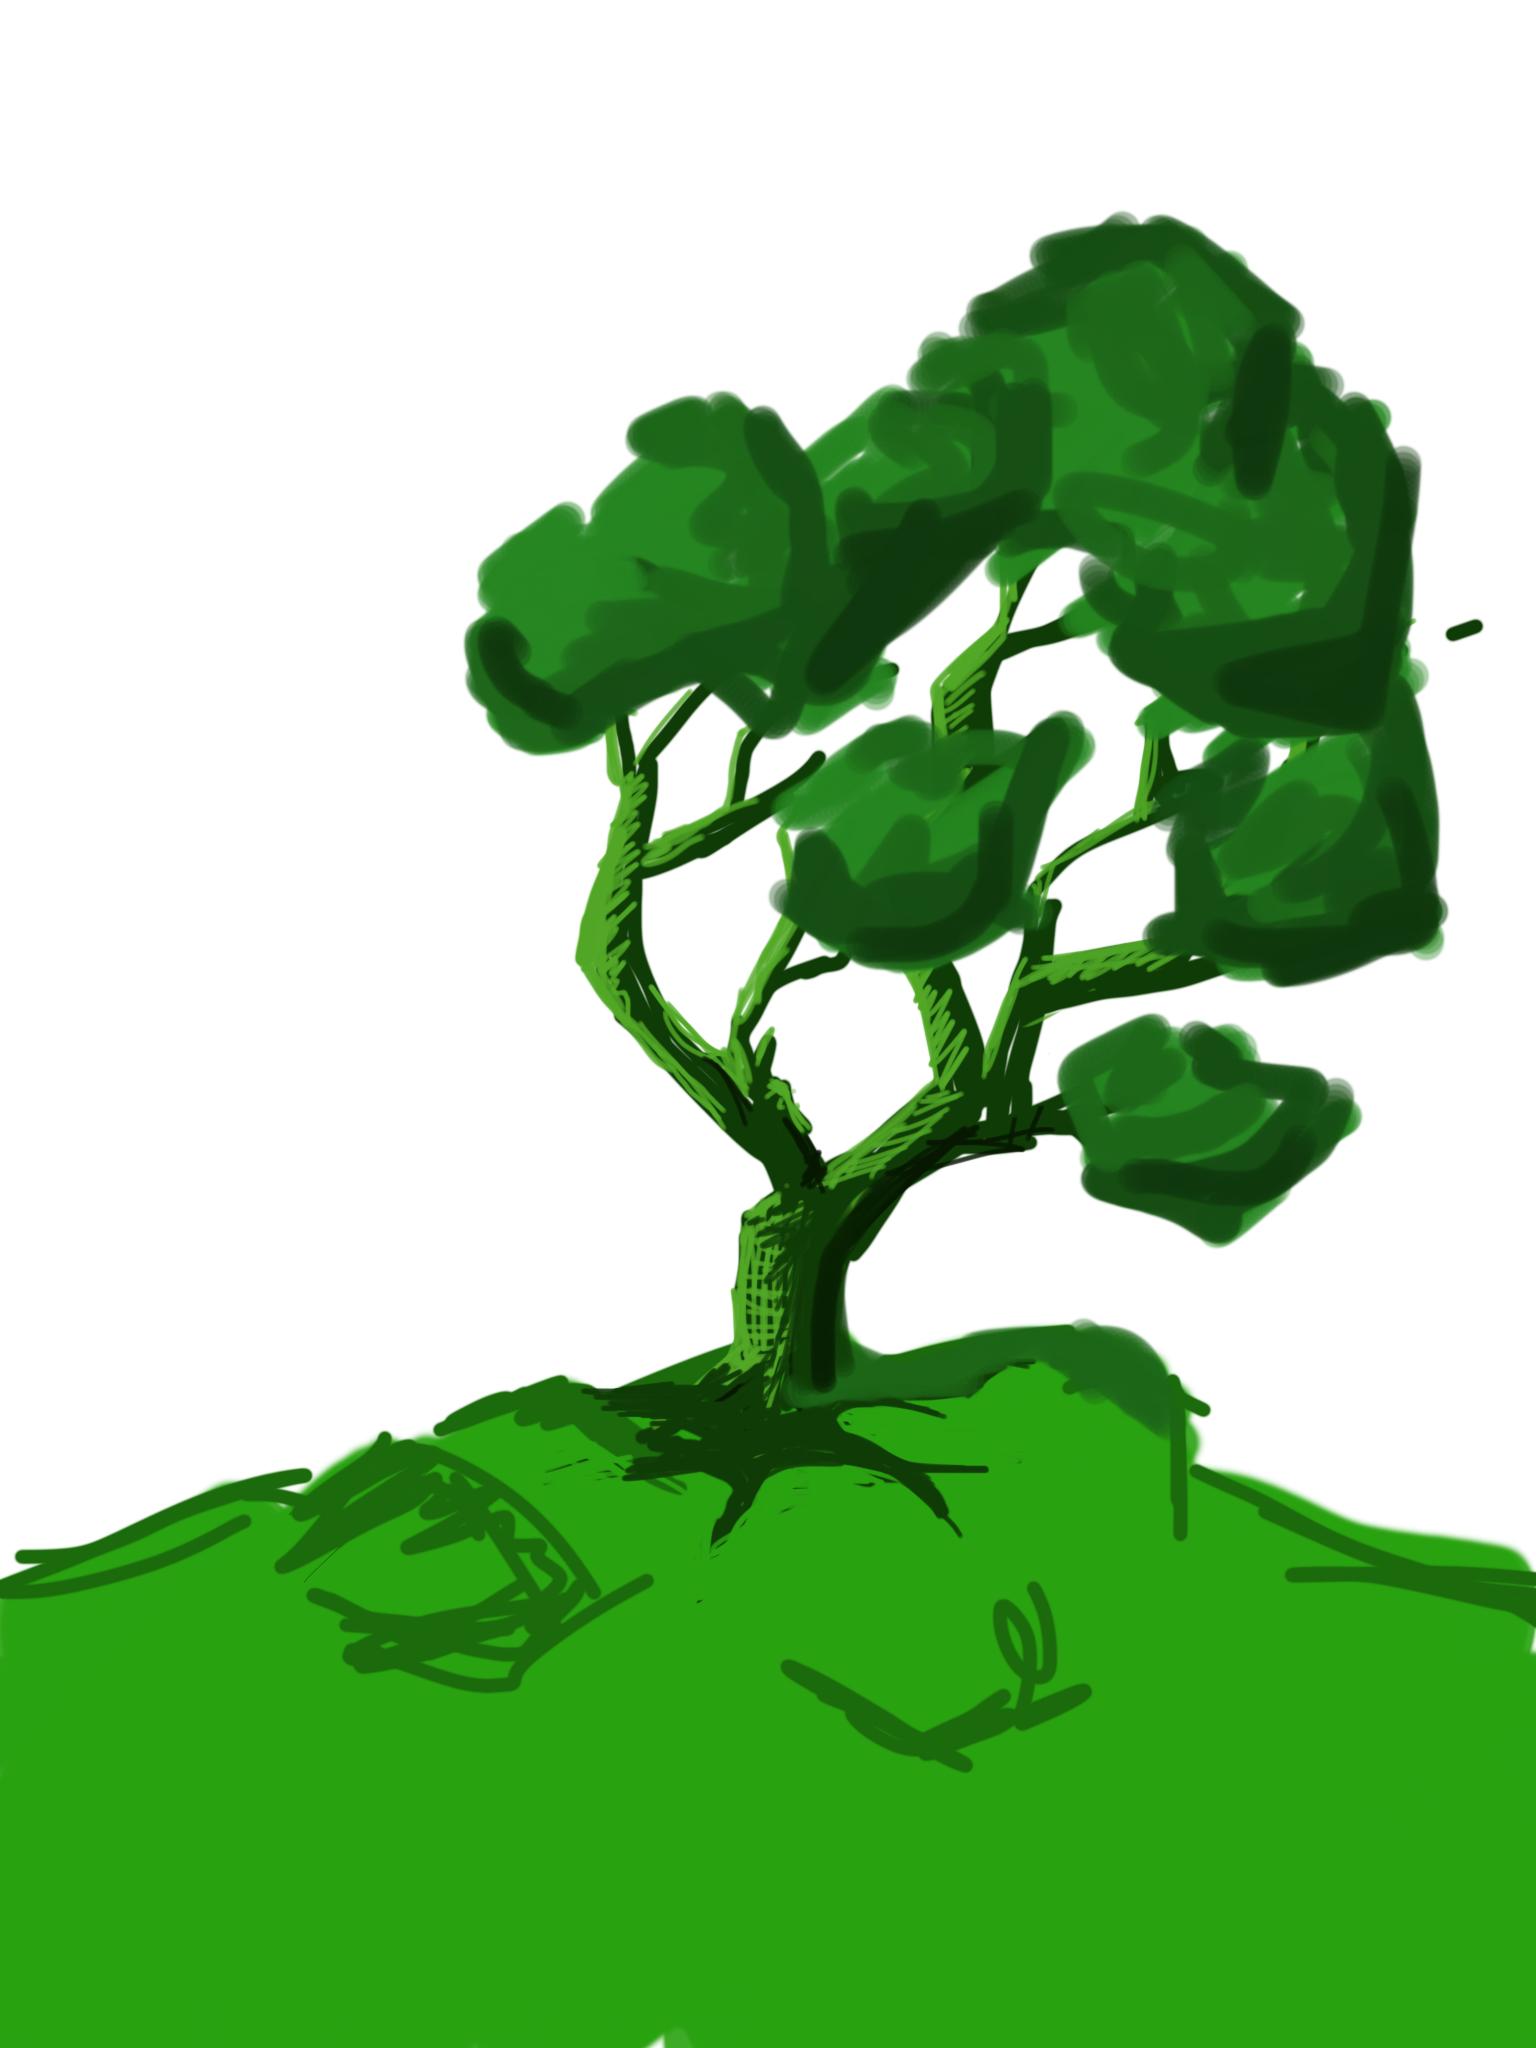 DeviantArt 15 Minute Time Challenge - Green by CrazyJ454